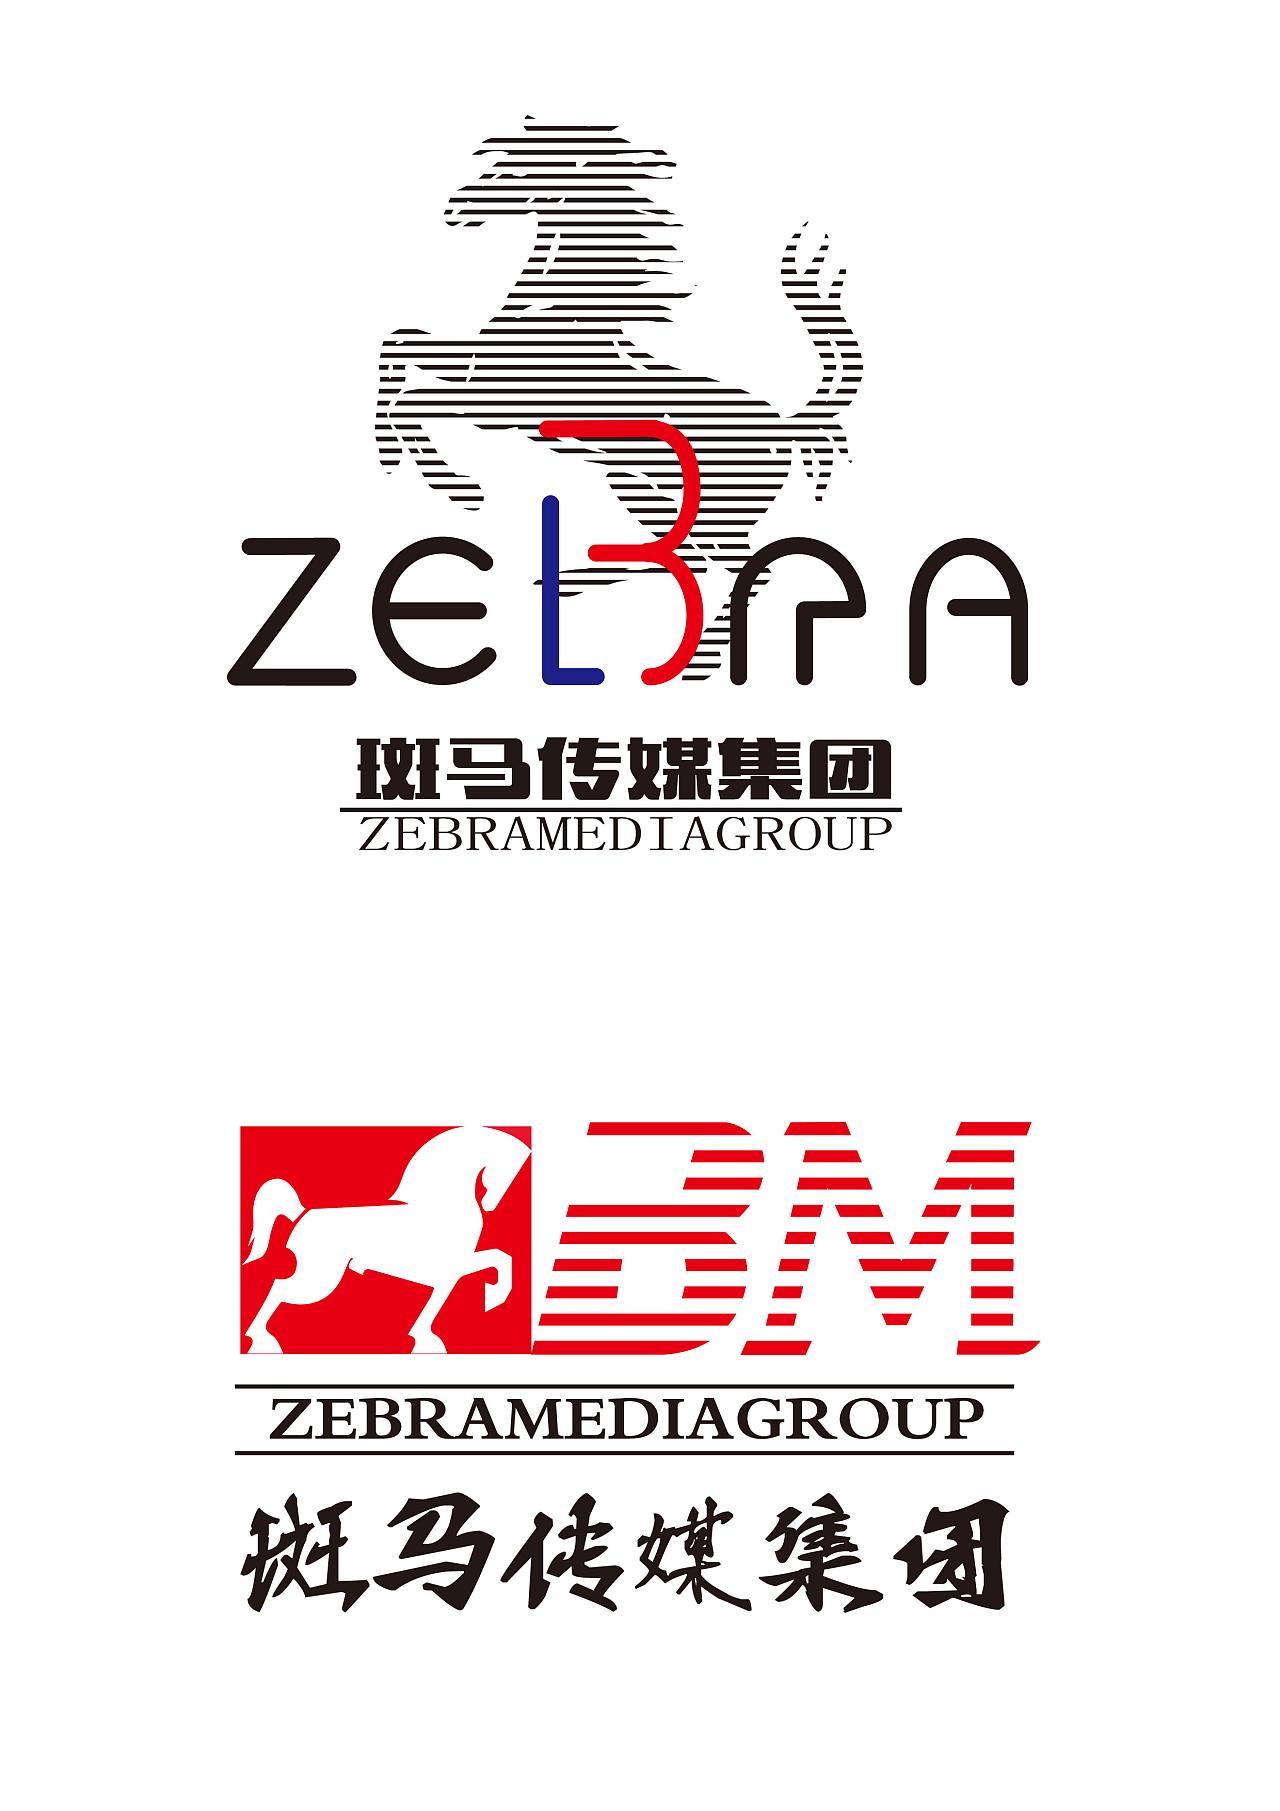 斑马传媒logo图片